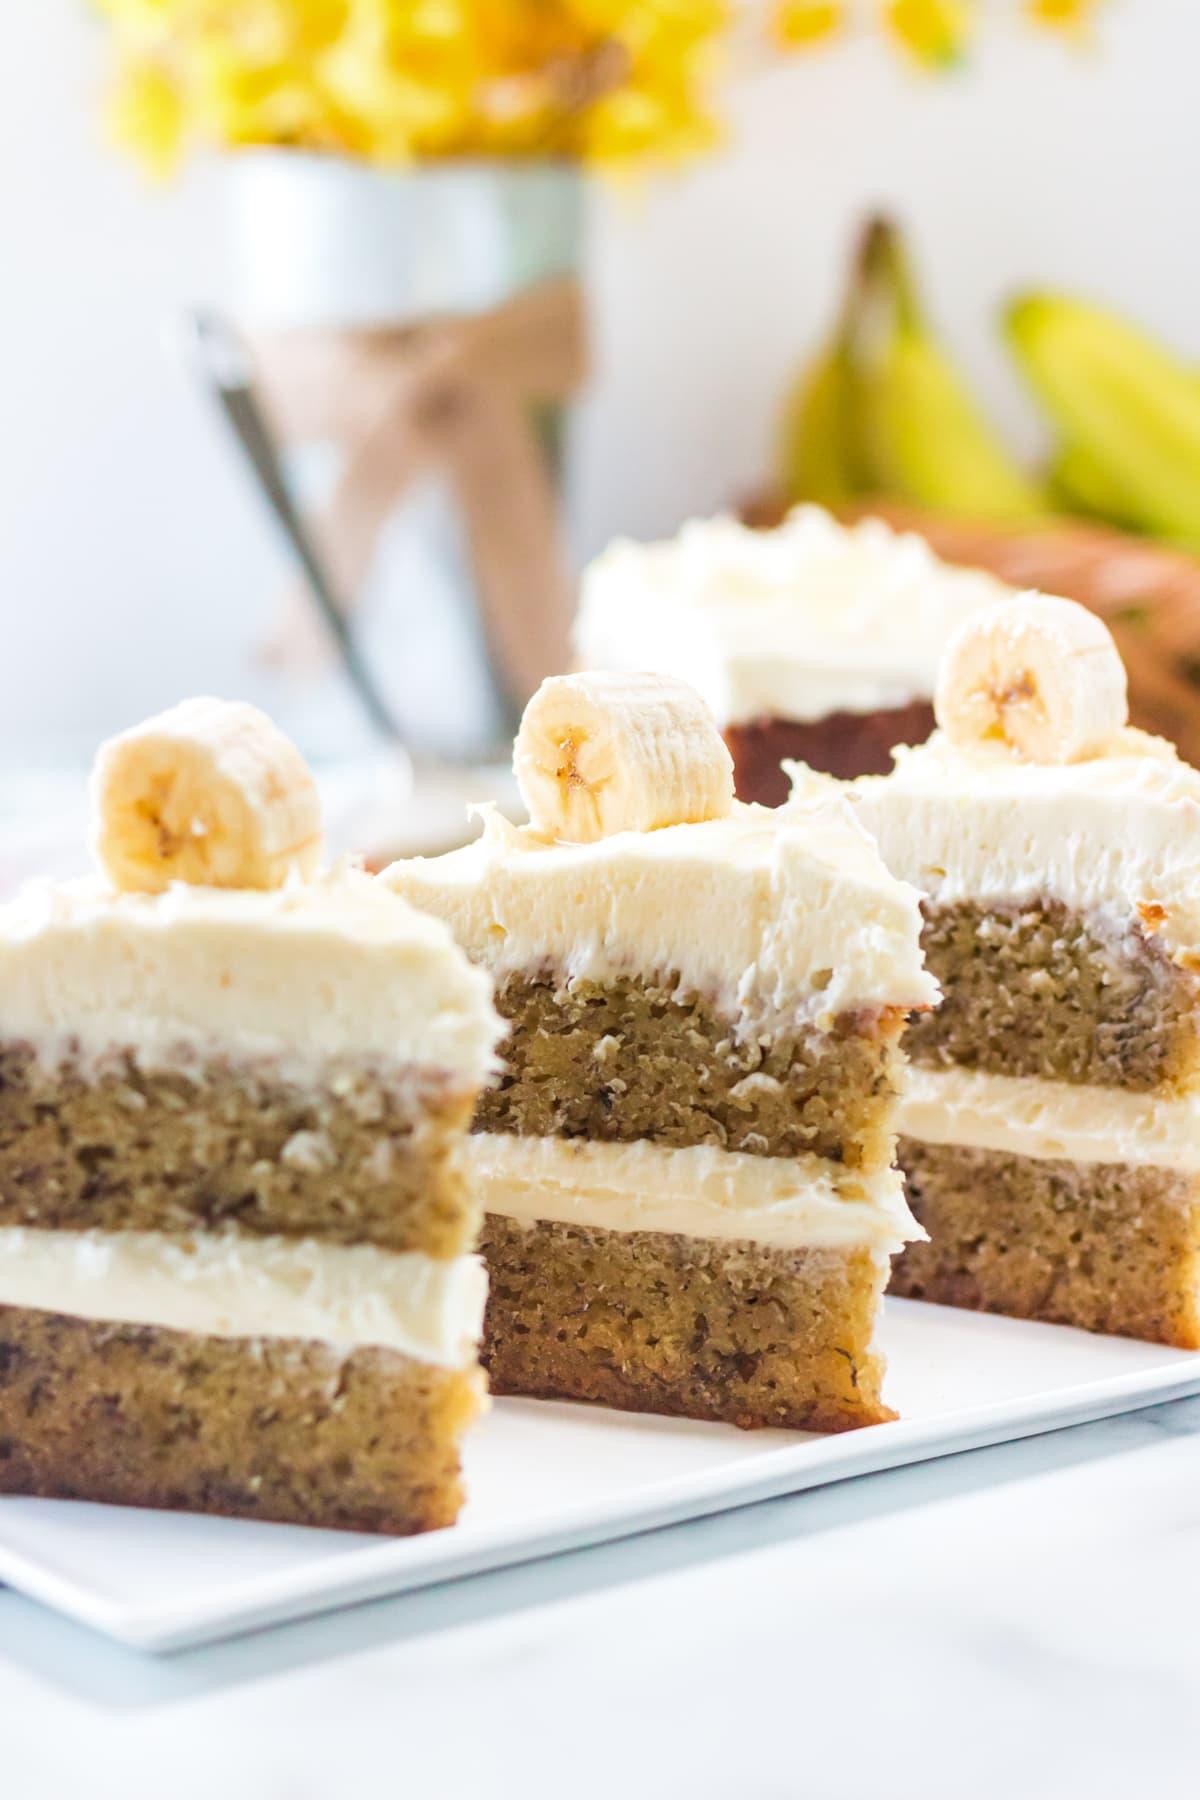 banana cake with cream cheese banana cream filling